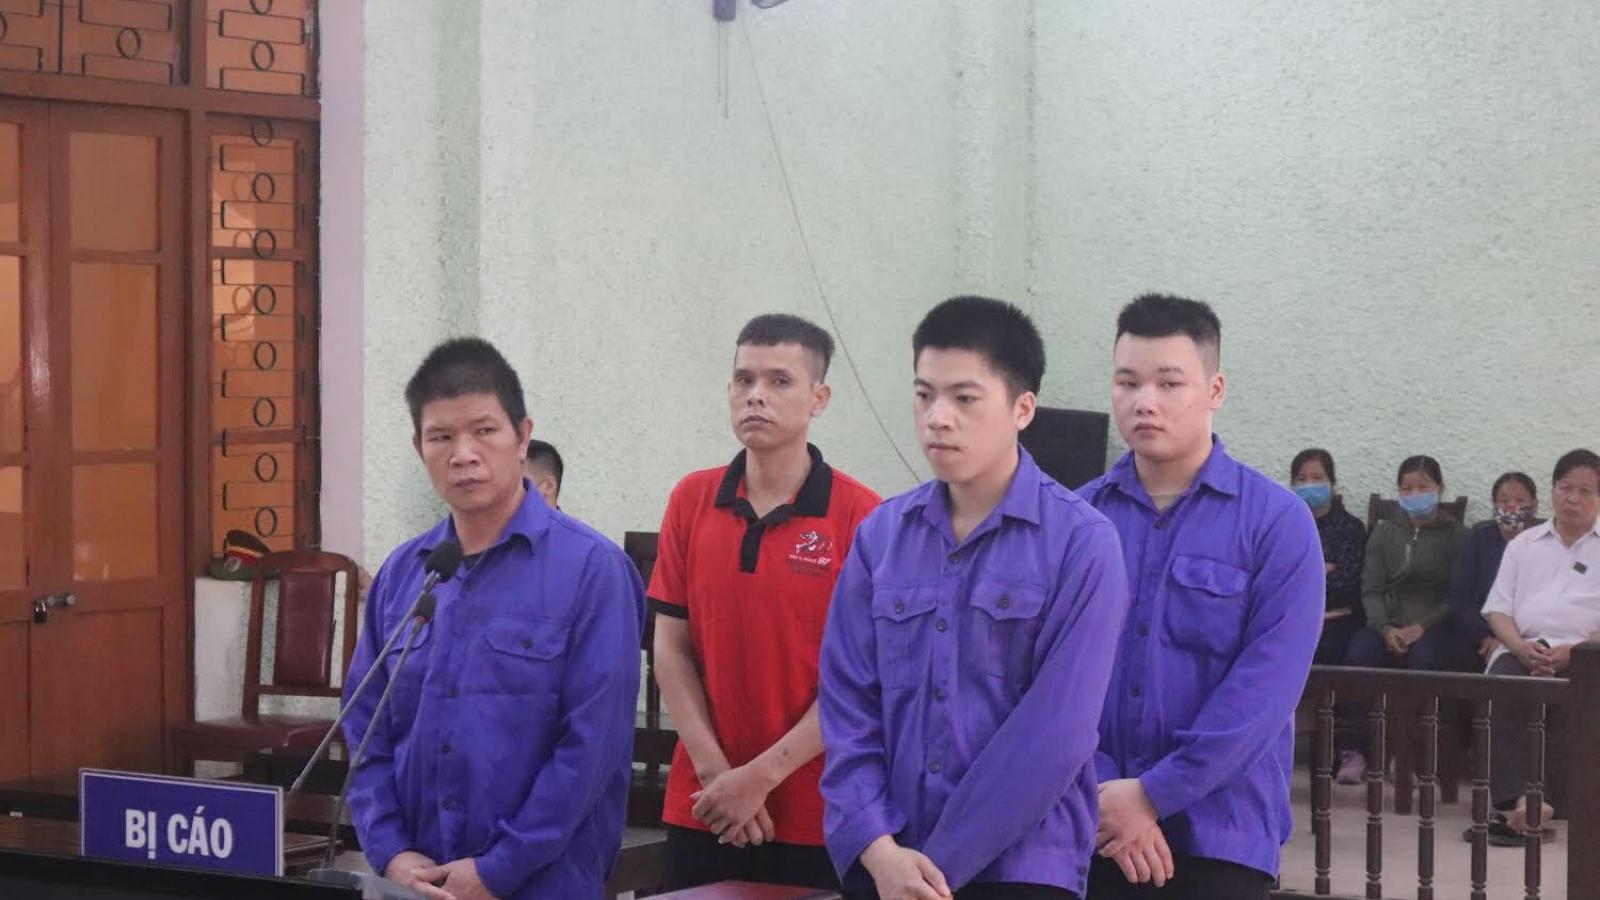 4 thanh niên cùng thôn lĩnh án tù vì đón người nhập cảnh trái phép tại Cao Bằng